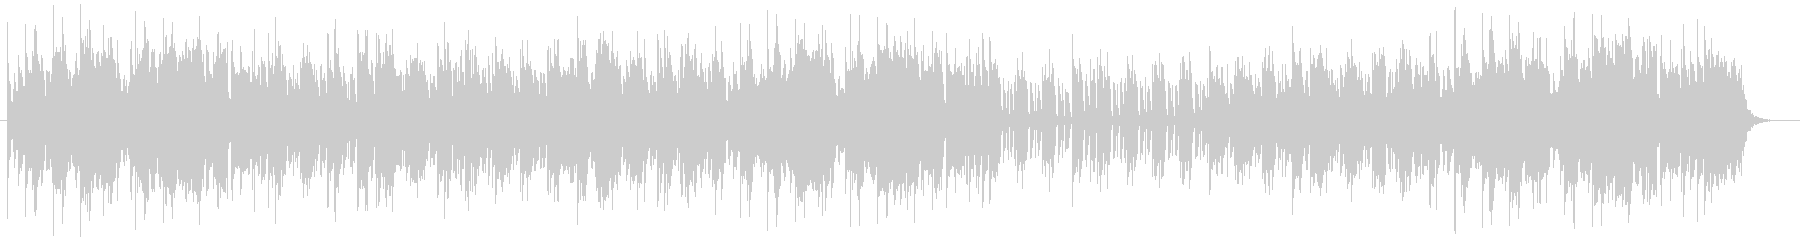 軽快なミドルテンポが特徴のポップスの未再生の波形